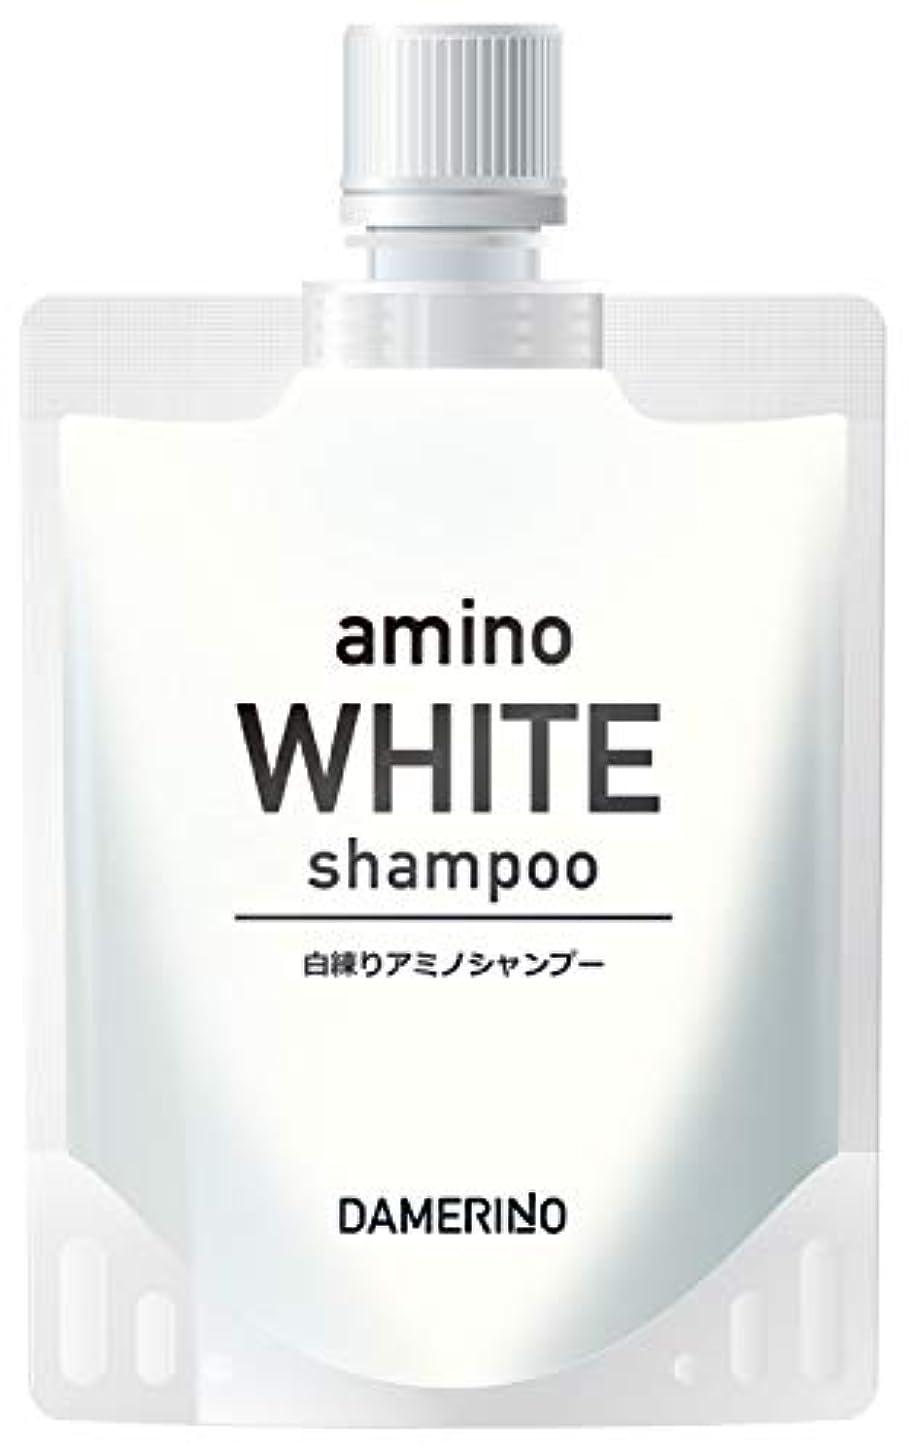 職業シンプルな差し引くダメリーノ アミノ酸 スカルプシャンプー メンズ 頭皮ケア ダメージ ケア オールインワン アミノホワイトシャンプー 150g